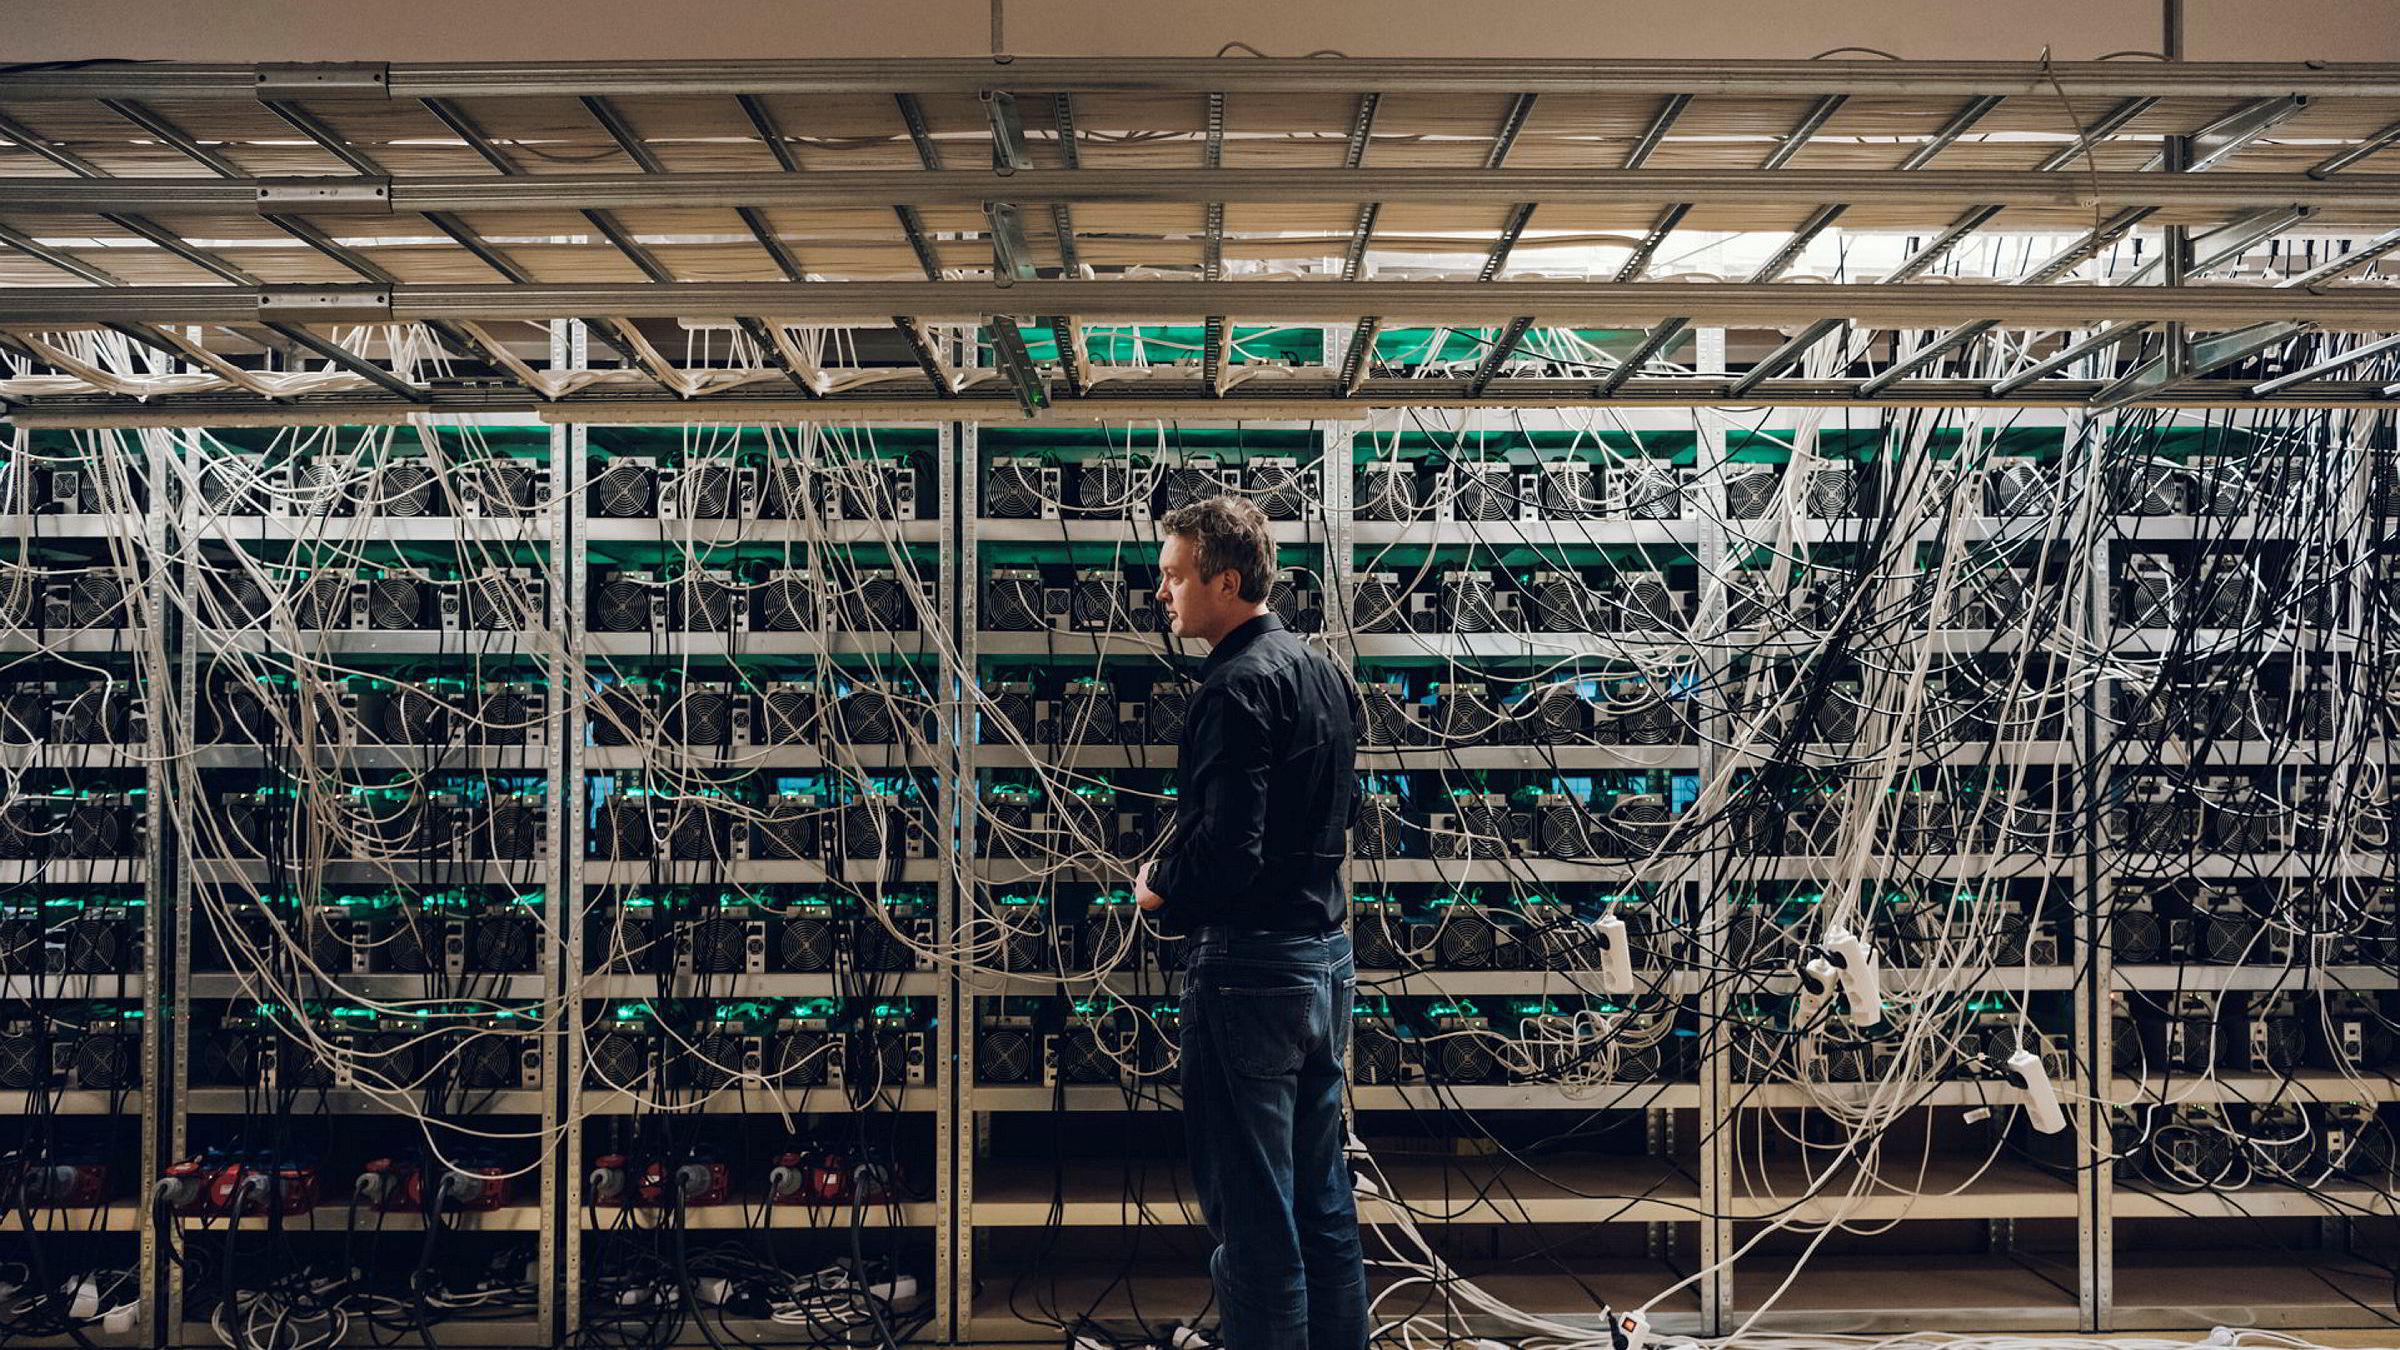 Det finnes et argument om at bitcoin vil overleve fordi blokkekjedeteknologien tilbyr transaksjoner som enkelte bransjer trenger. Her Kjetil Hove Pettersen i Kryptovault as.